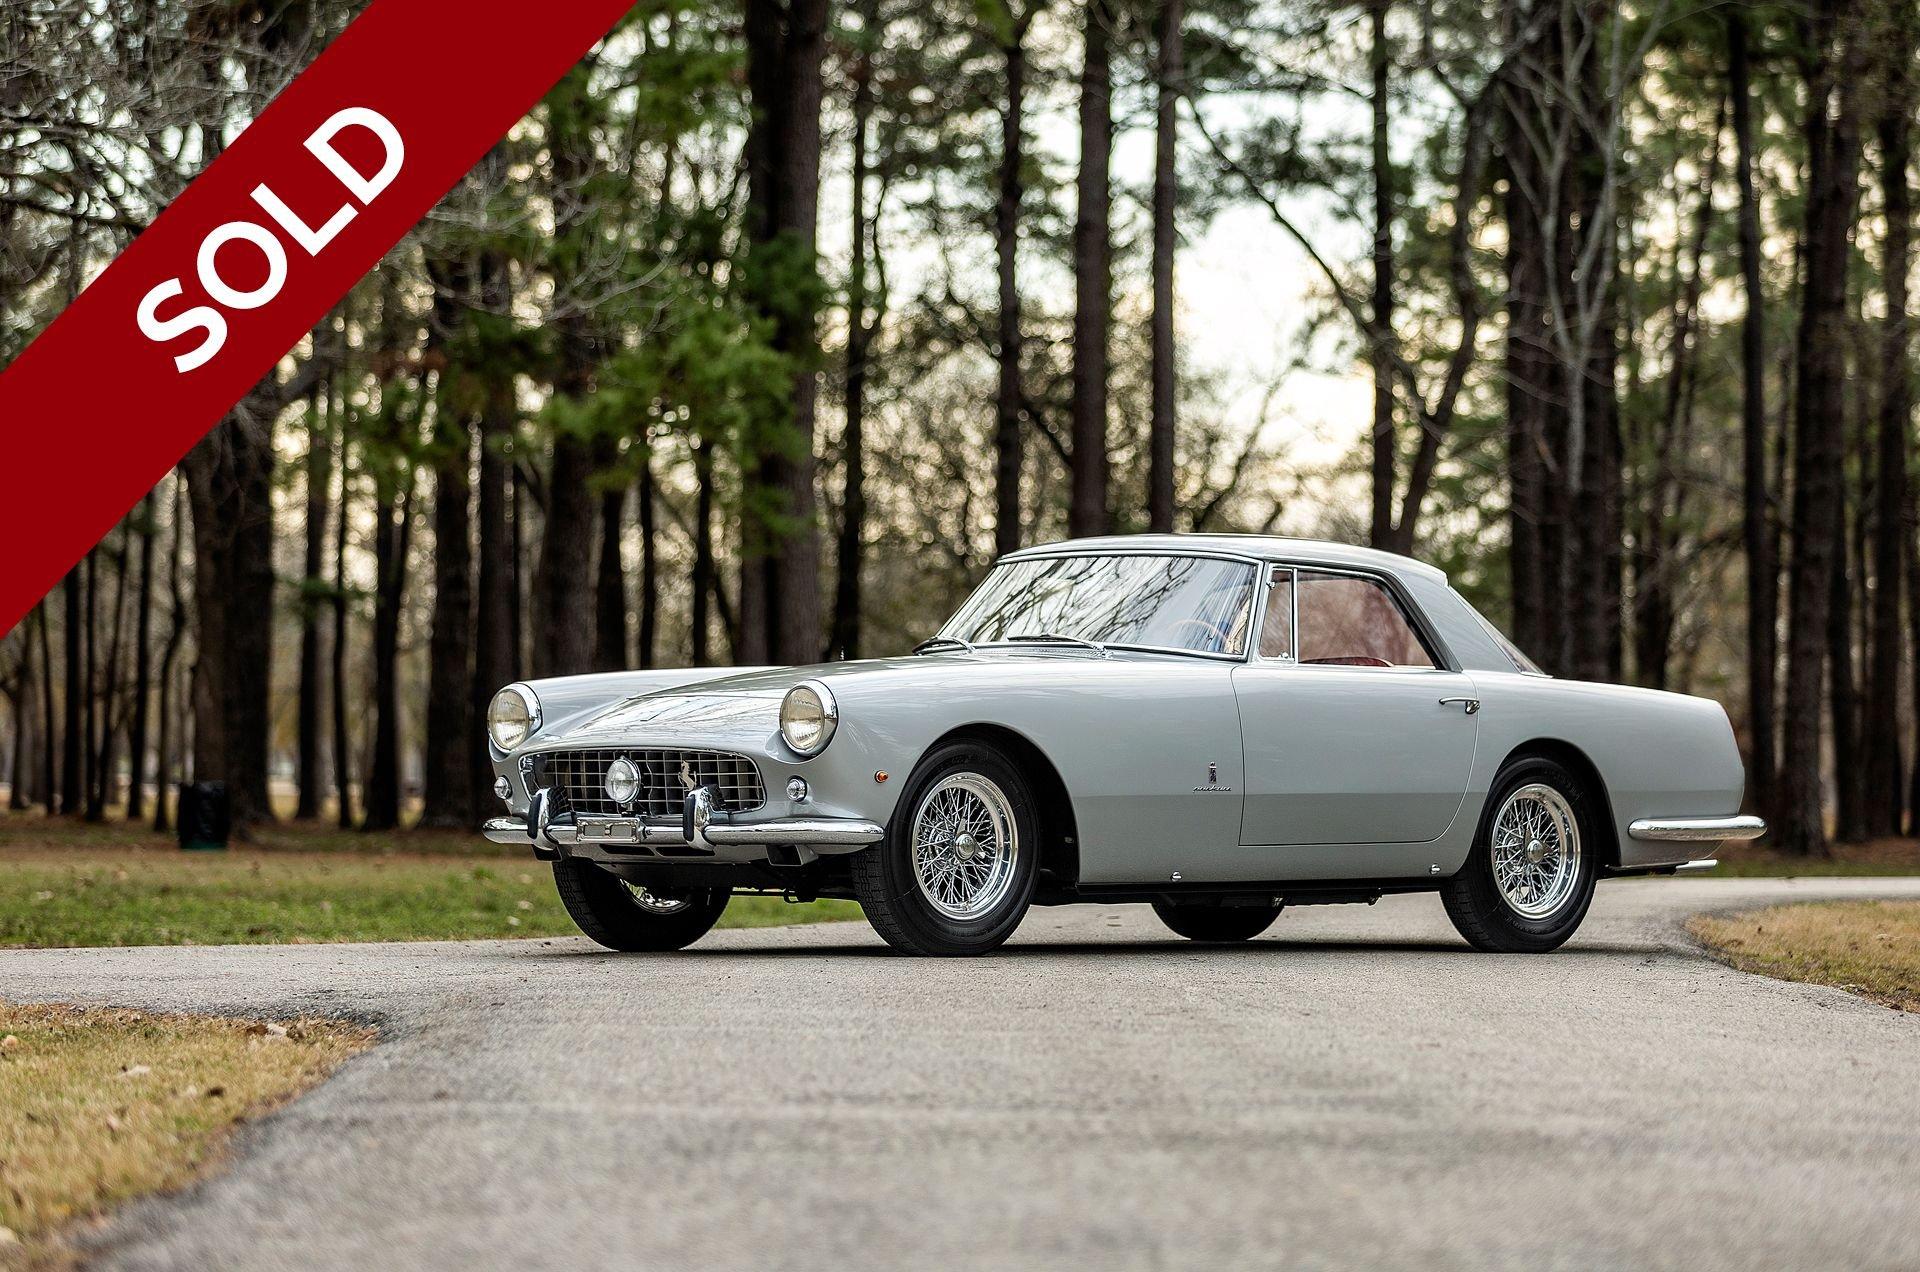 Sold 1960 ferrari 250 pf coupe